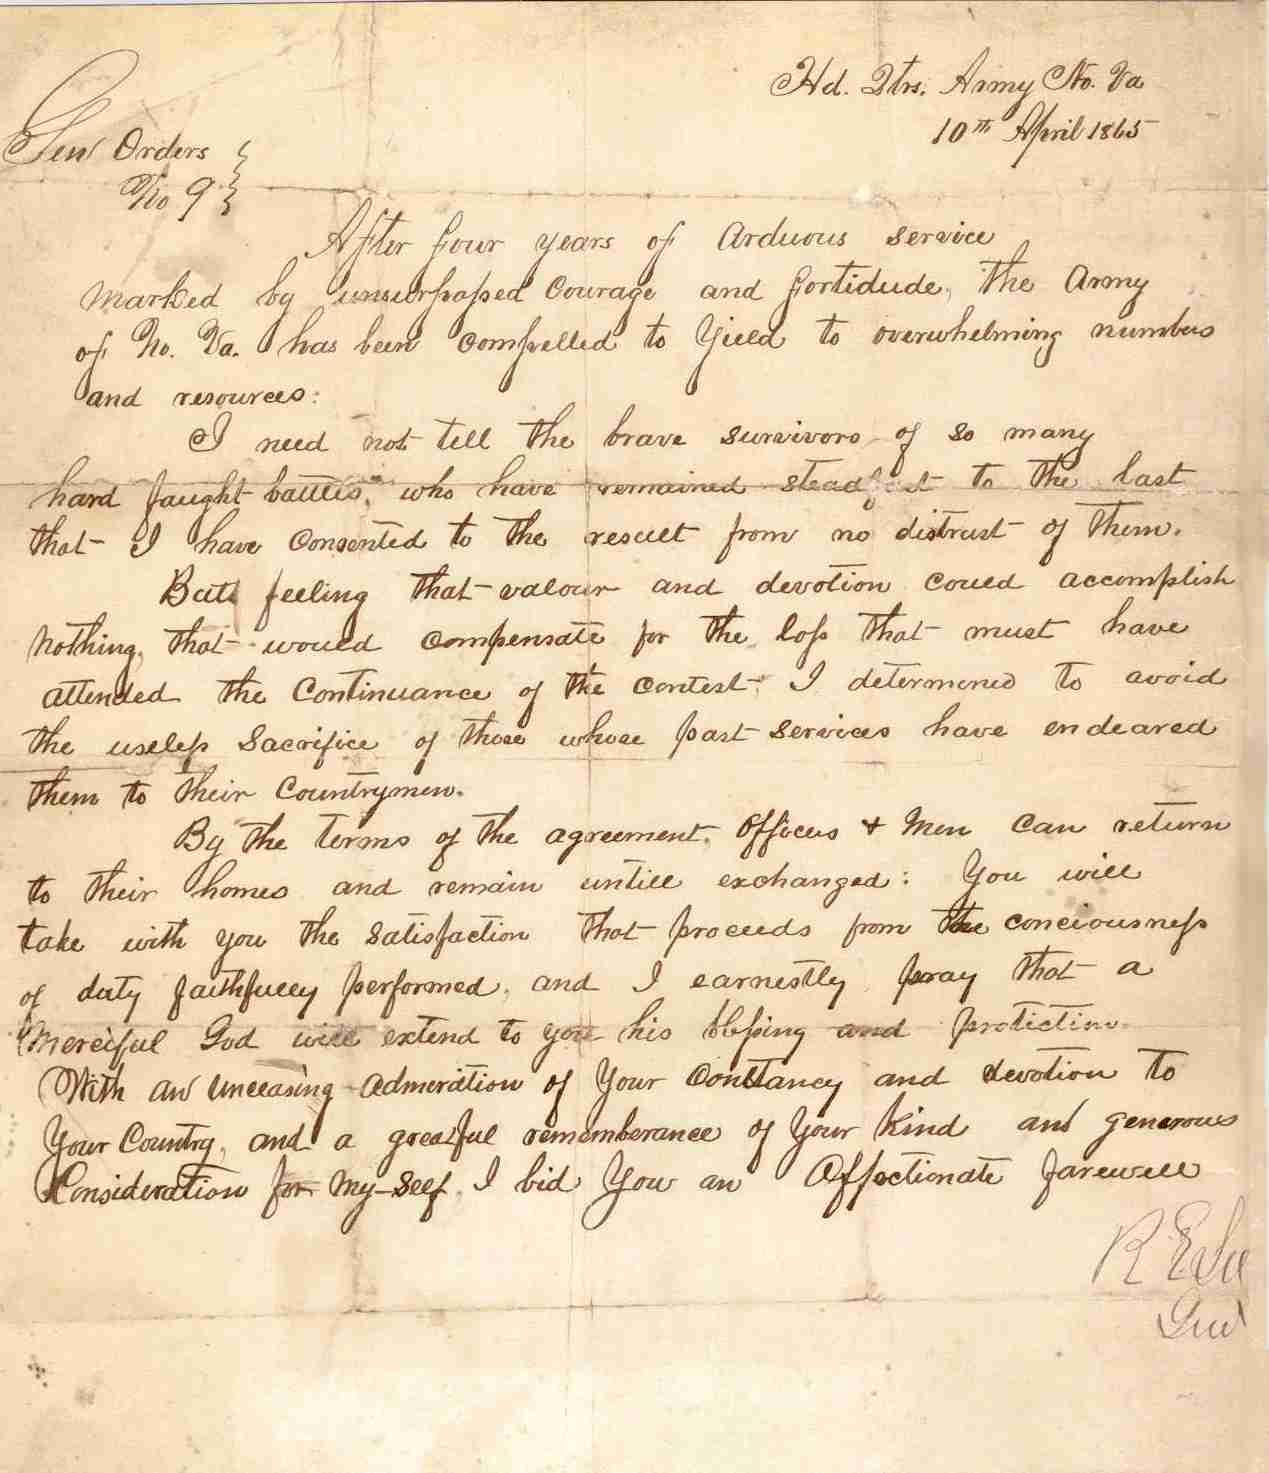 Robert E Lee General Order Number 9